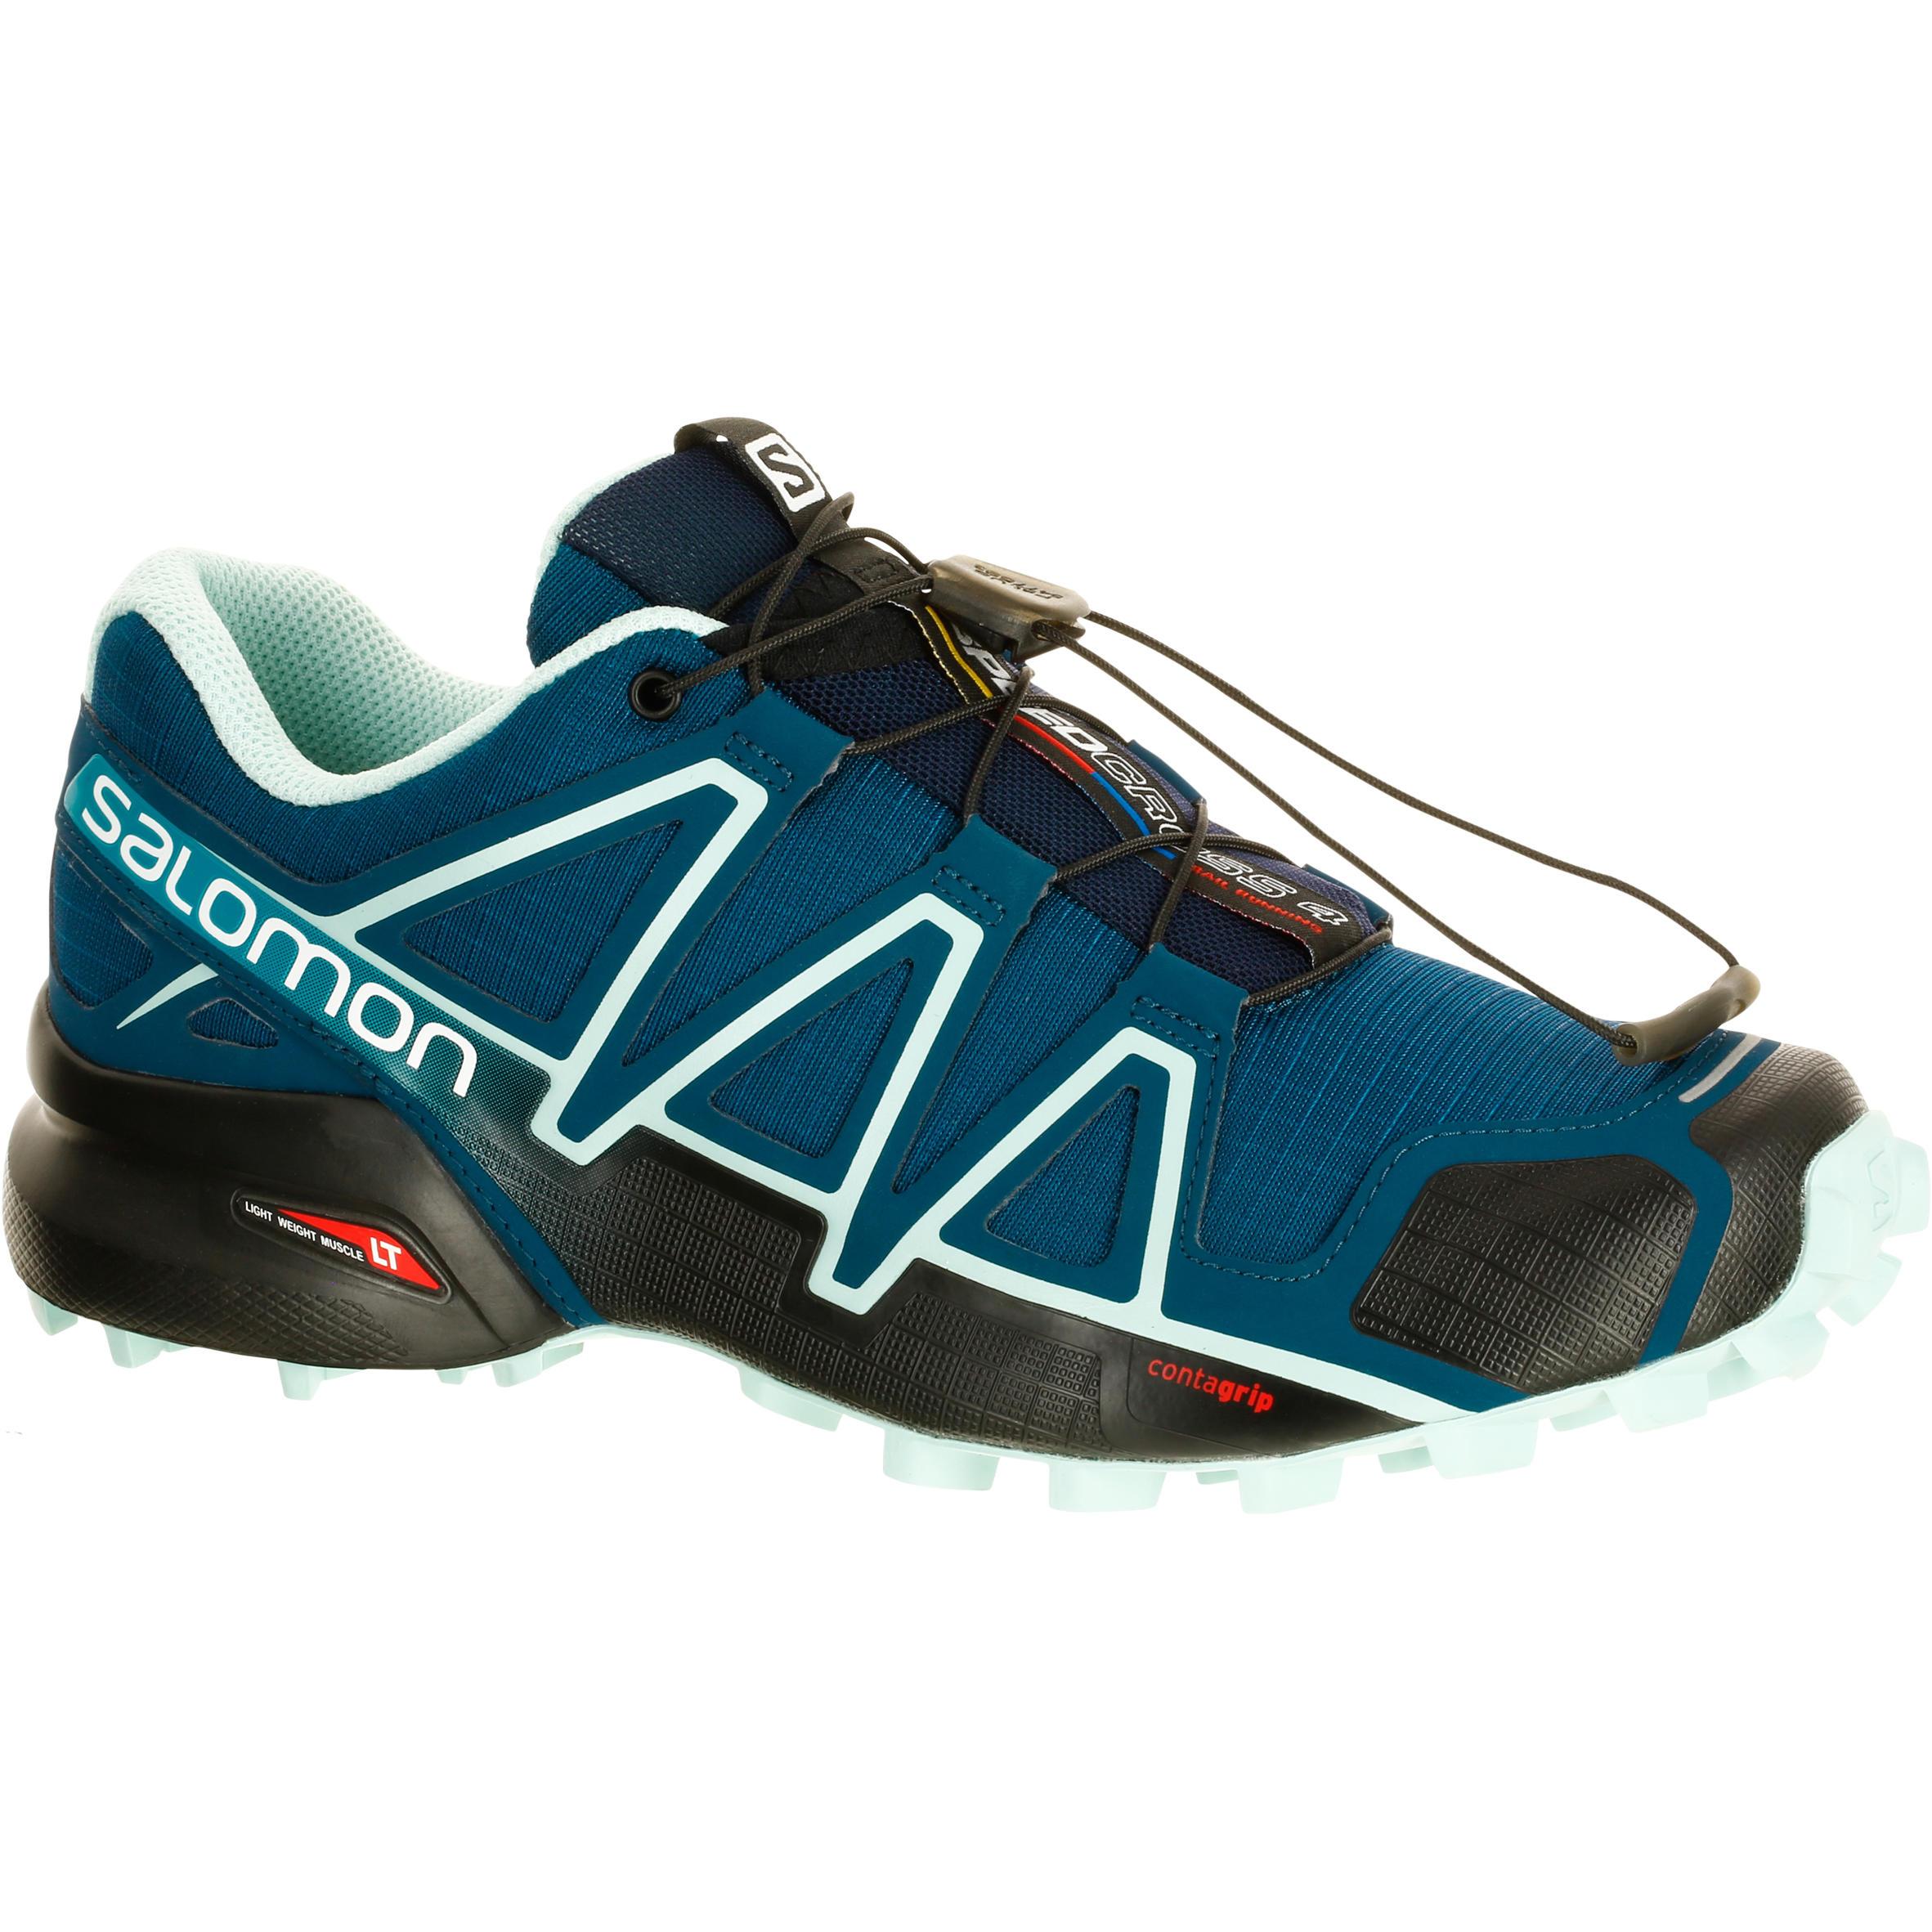 Trail Running Femme Chaussure 4 Salomon Bleu Speedcross jLUpzMGqVS